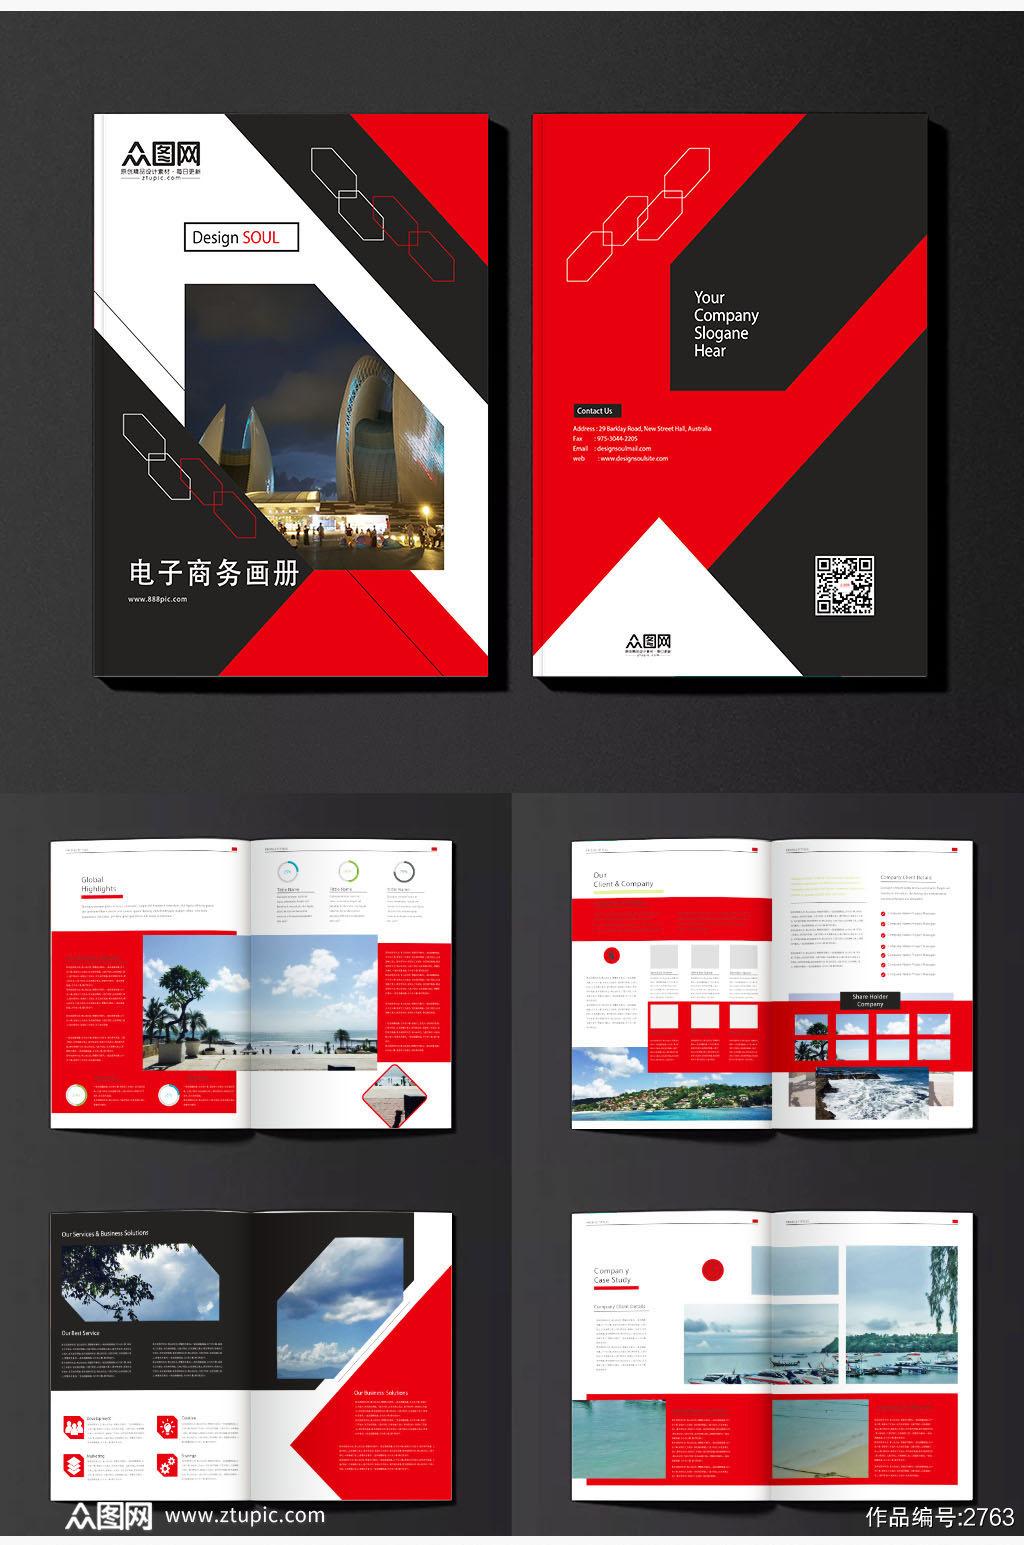 欧式高档红色企业画册标书封面设计模板素材